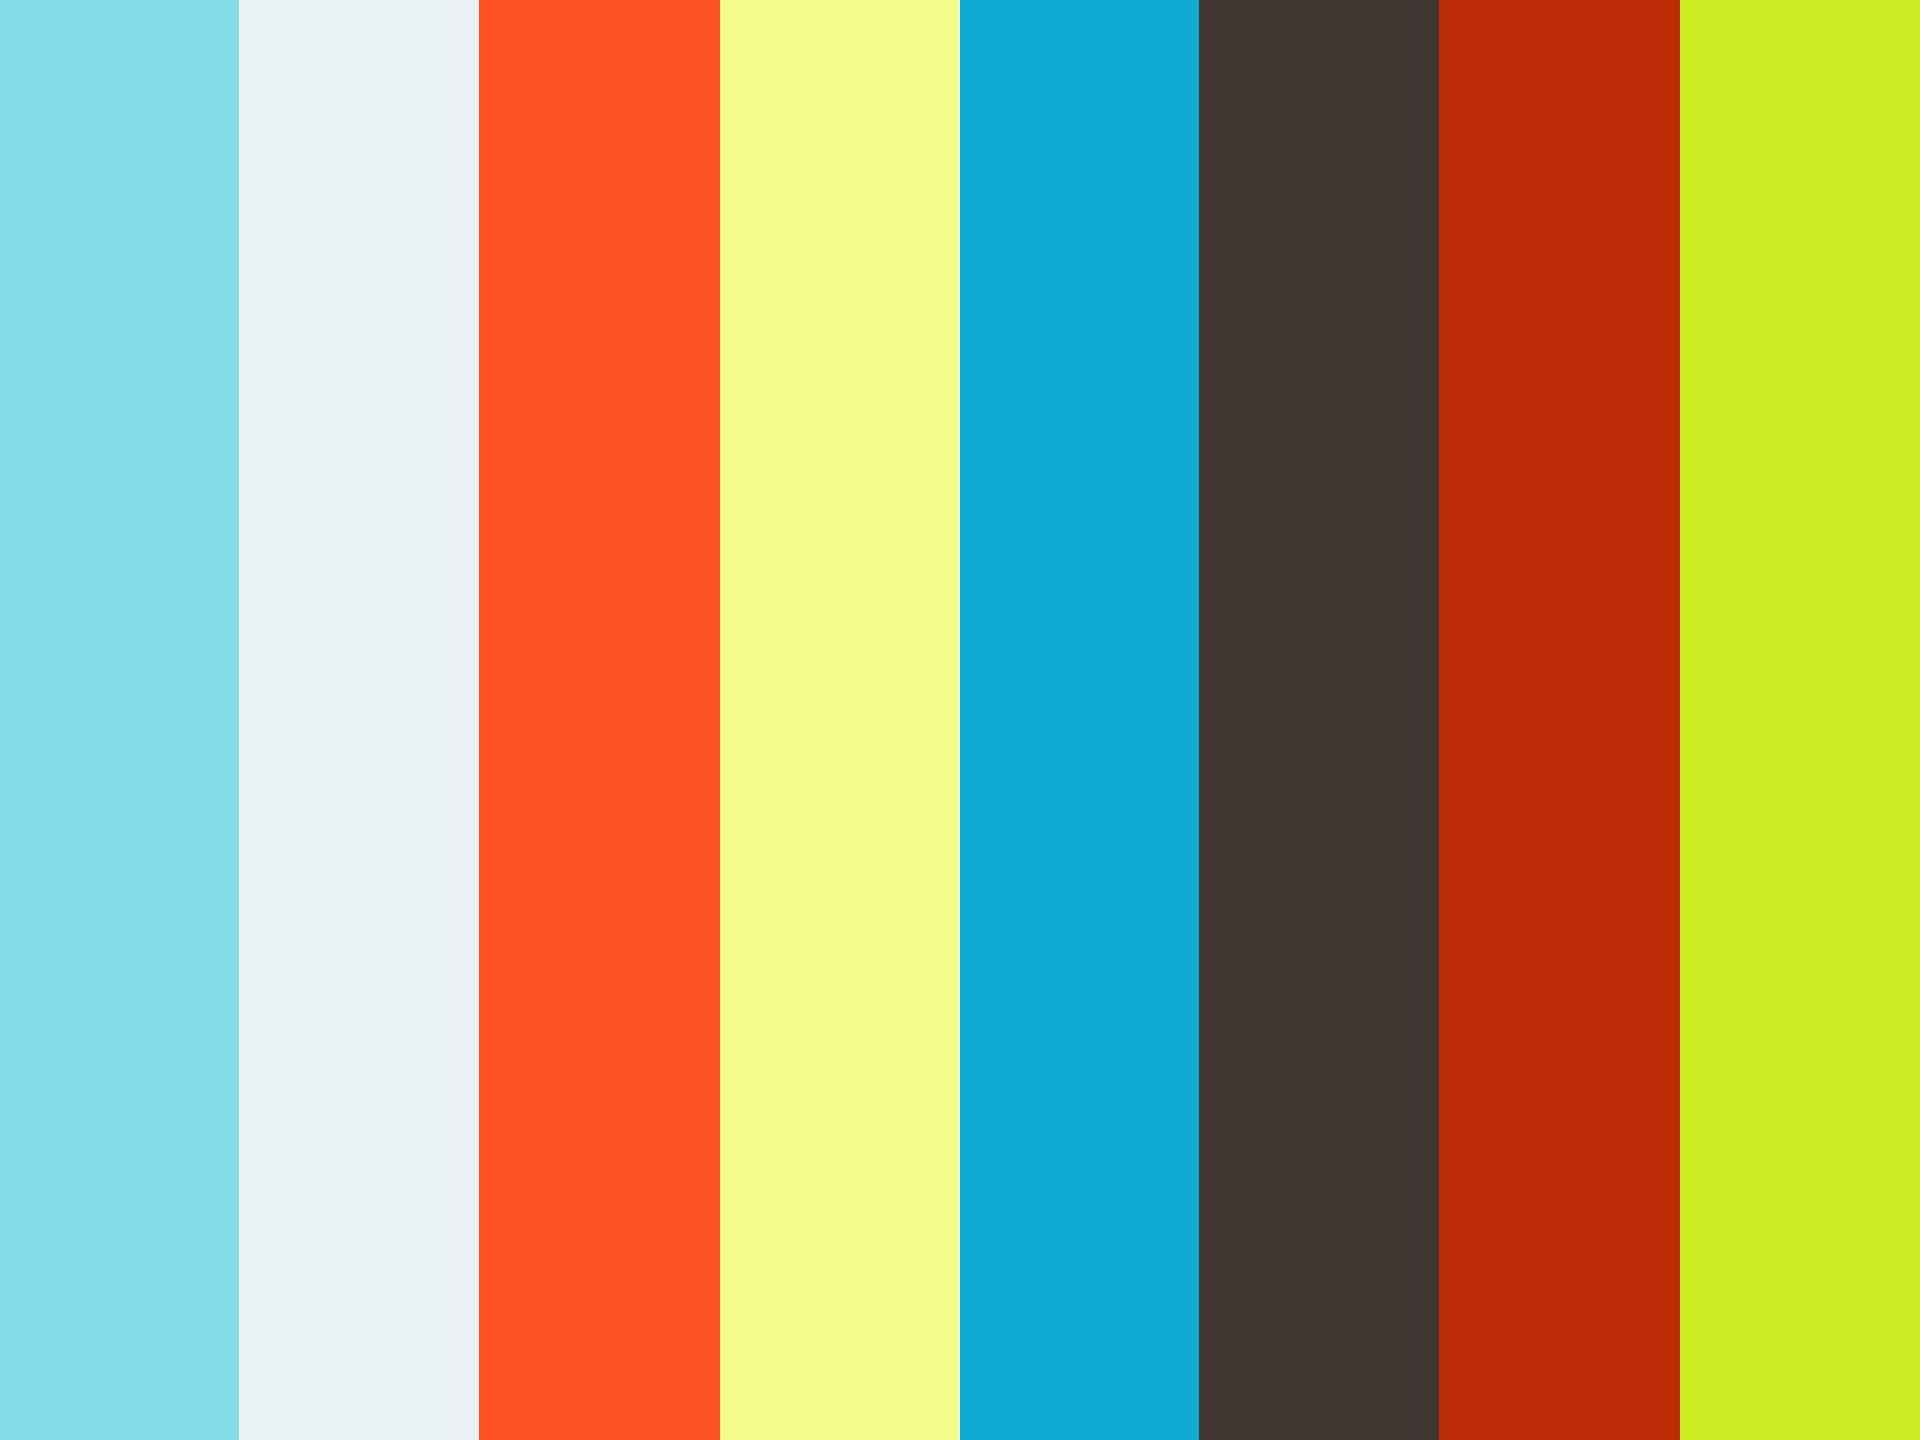 Μένω σπίτι και μαθαίνω | Δημοτική | Μαθηματικά (Πρόσθεση)  22/4/20  Επ. 15